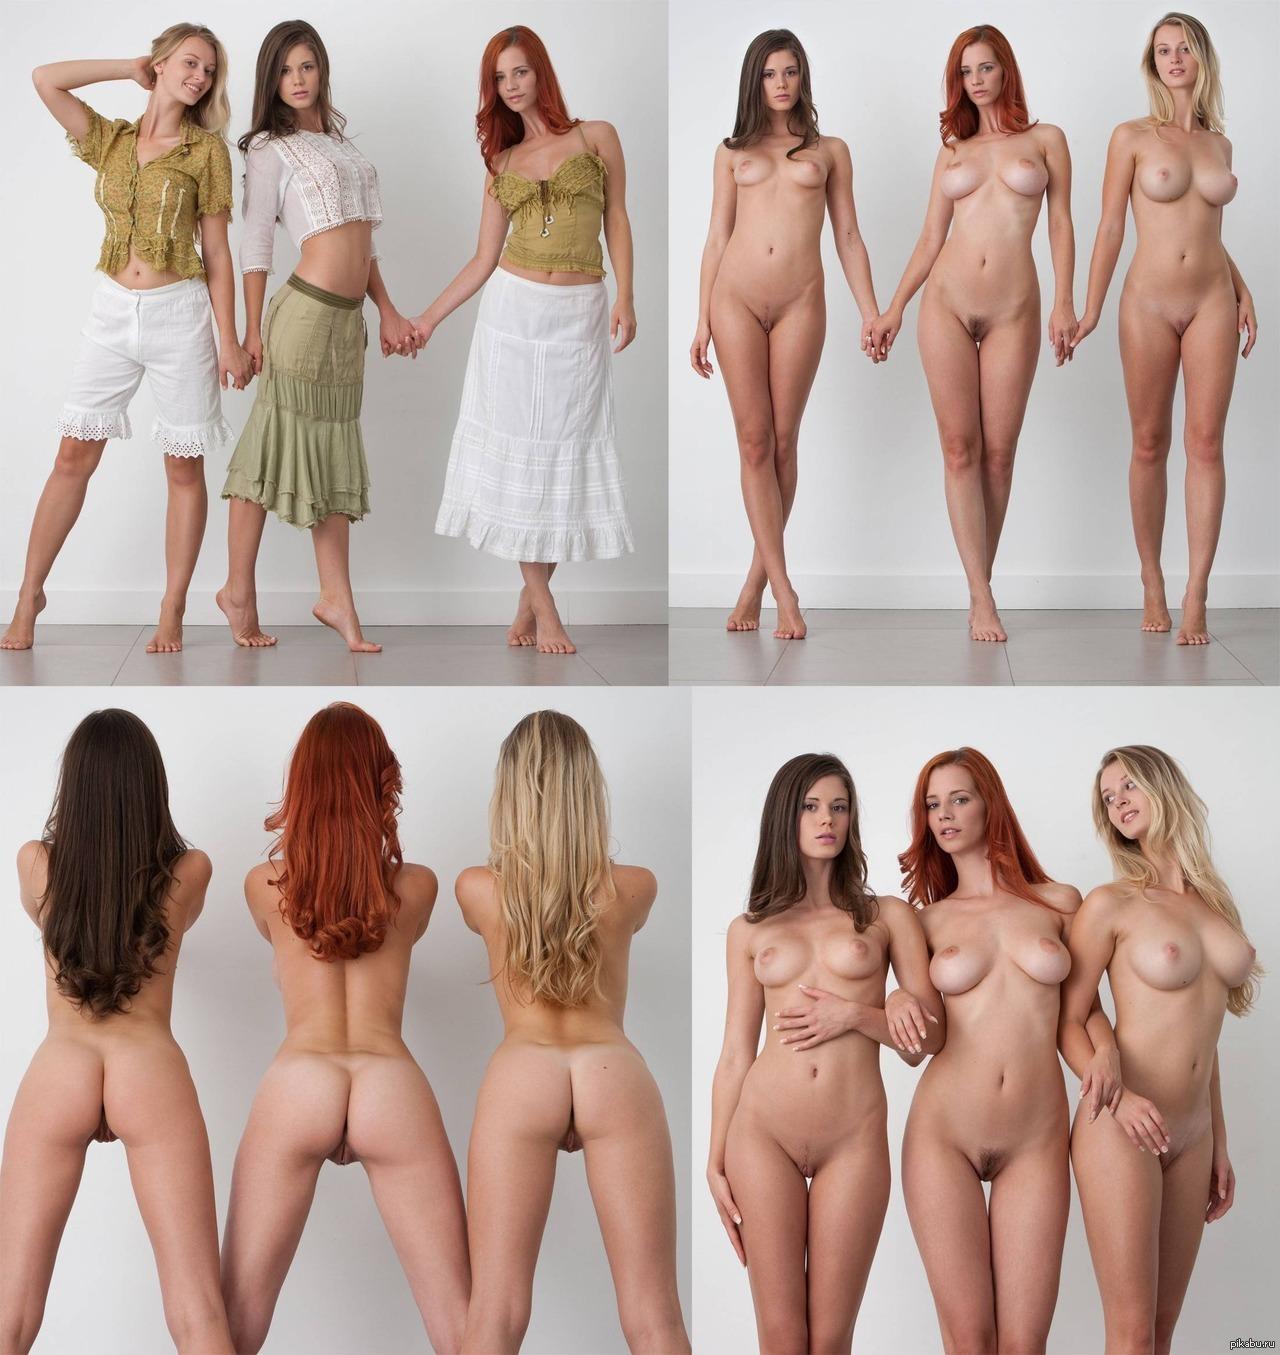 Фото девушек раздетые и одетые 25 фотография